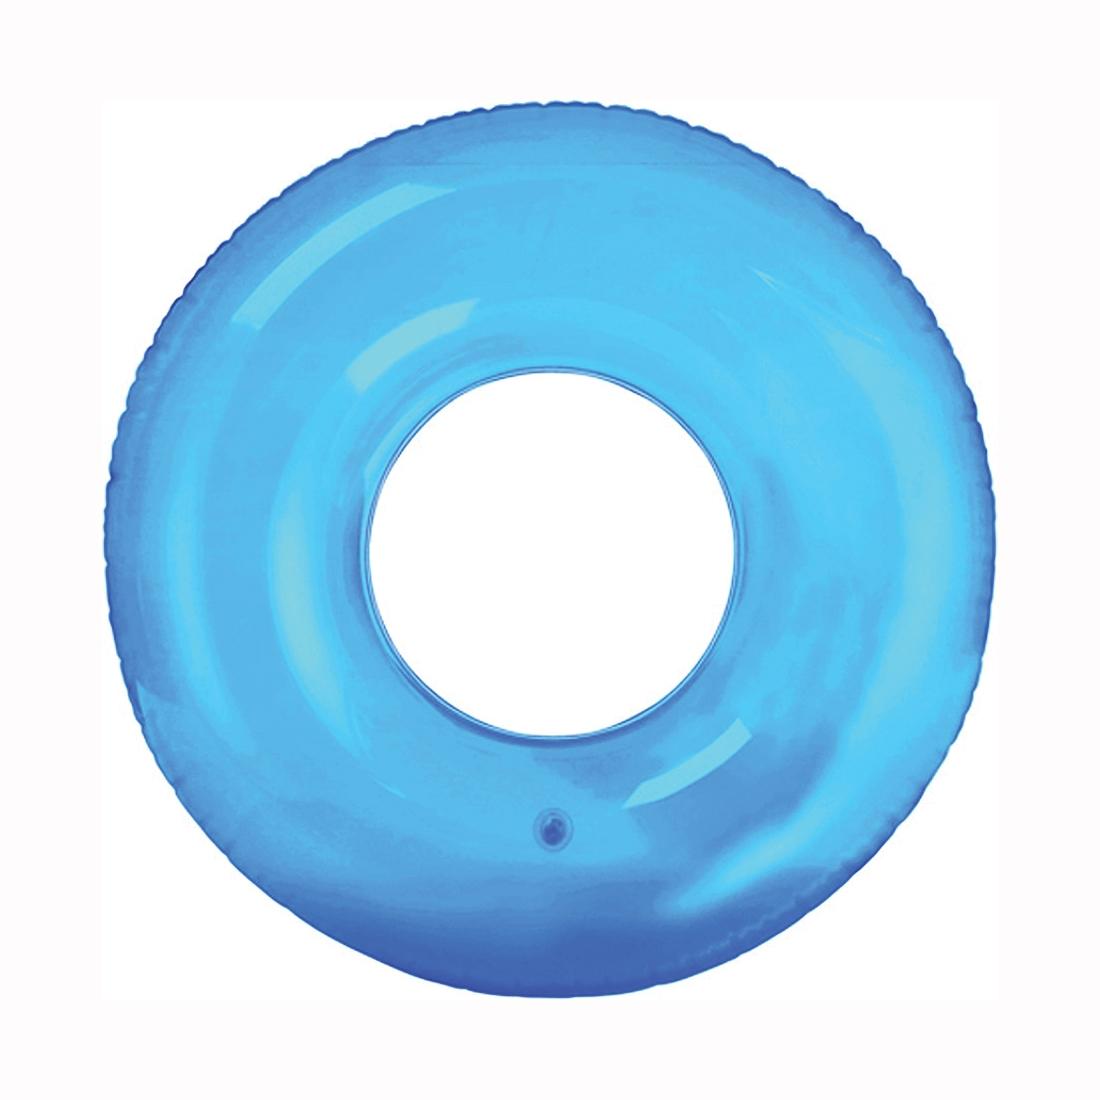 Picture of INTEX 59260EP Transparent Swim Tube, Assorted